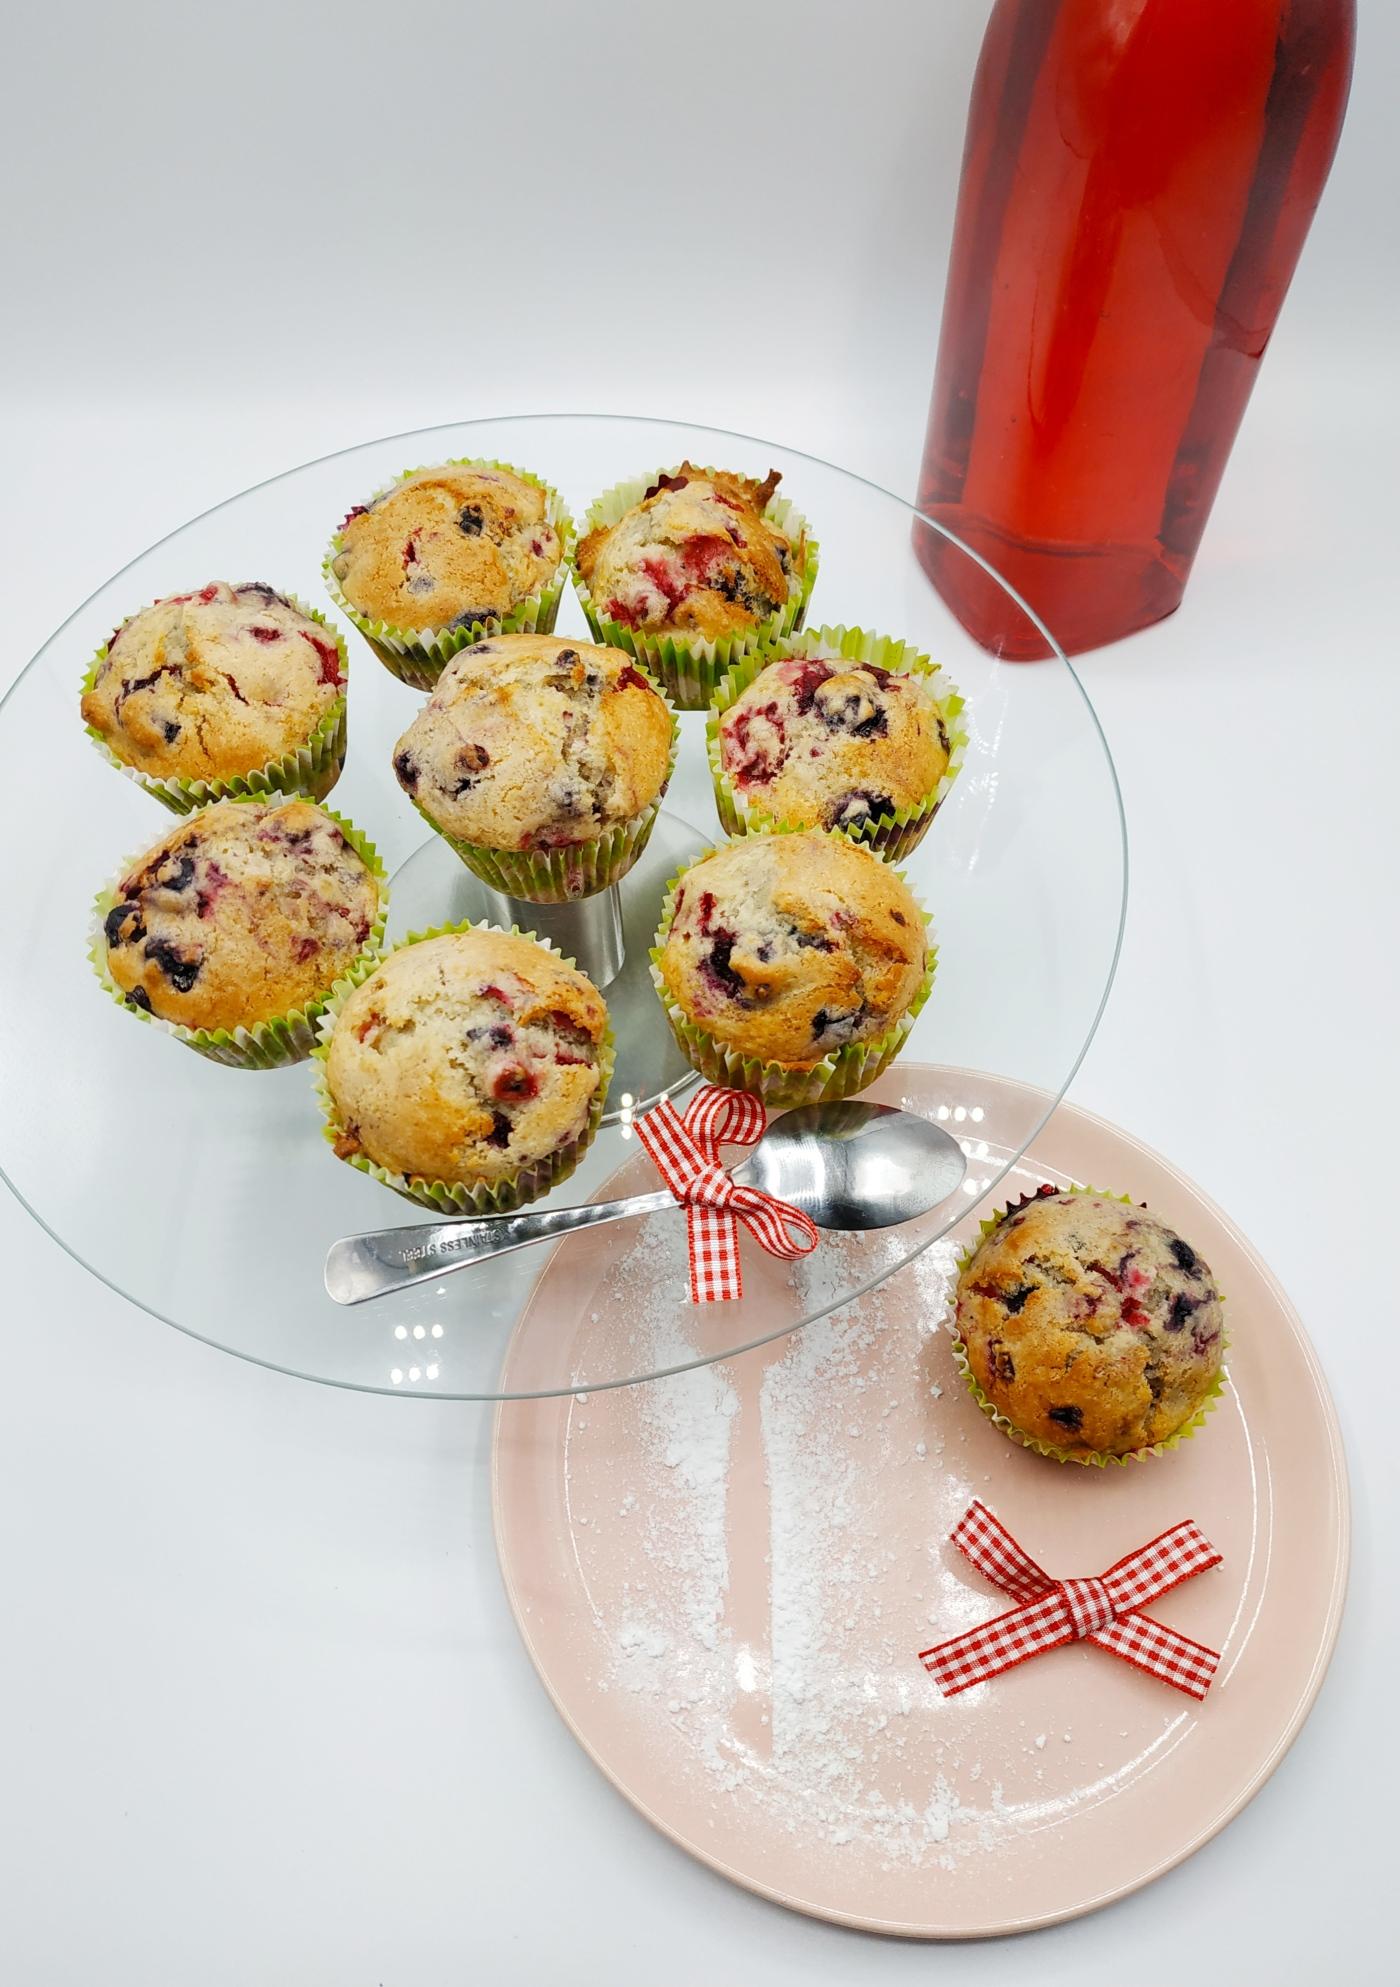 Muffins faits maison aux fruits rouges réalisés par Manon du blog de pâtisserie lesjoliesframboises.com